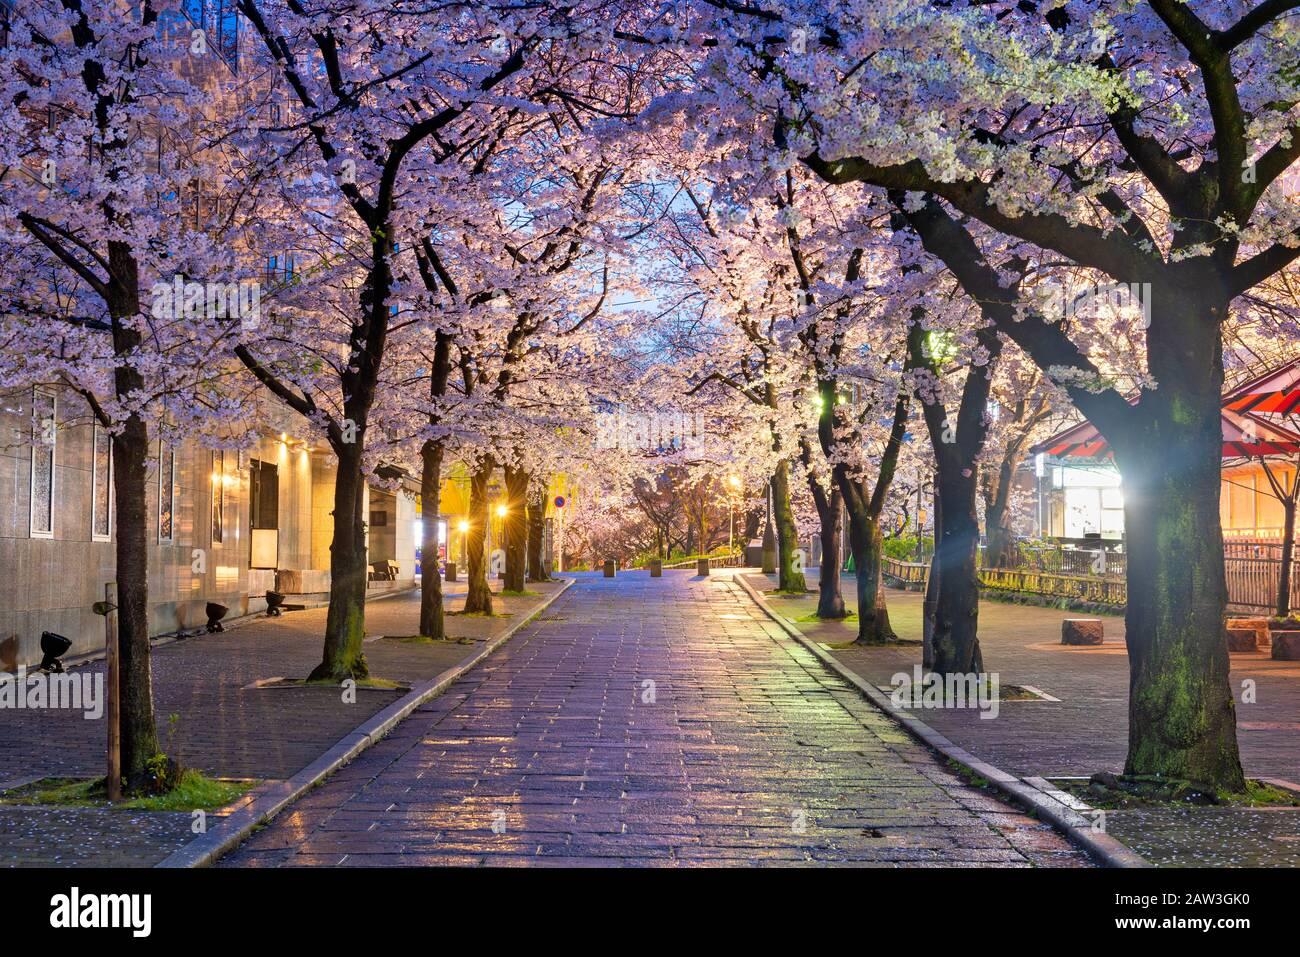 Gion Shirakawa, Kyoto, Japan during cherry blossom season at twilight. Stock Photo